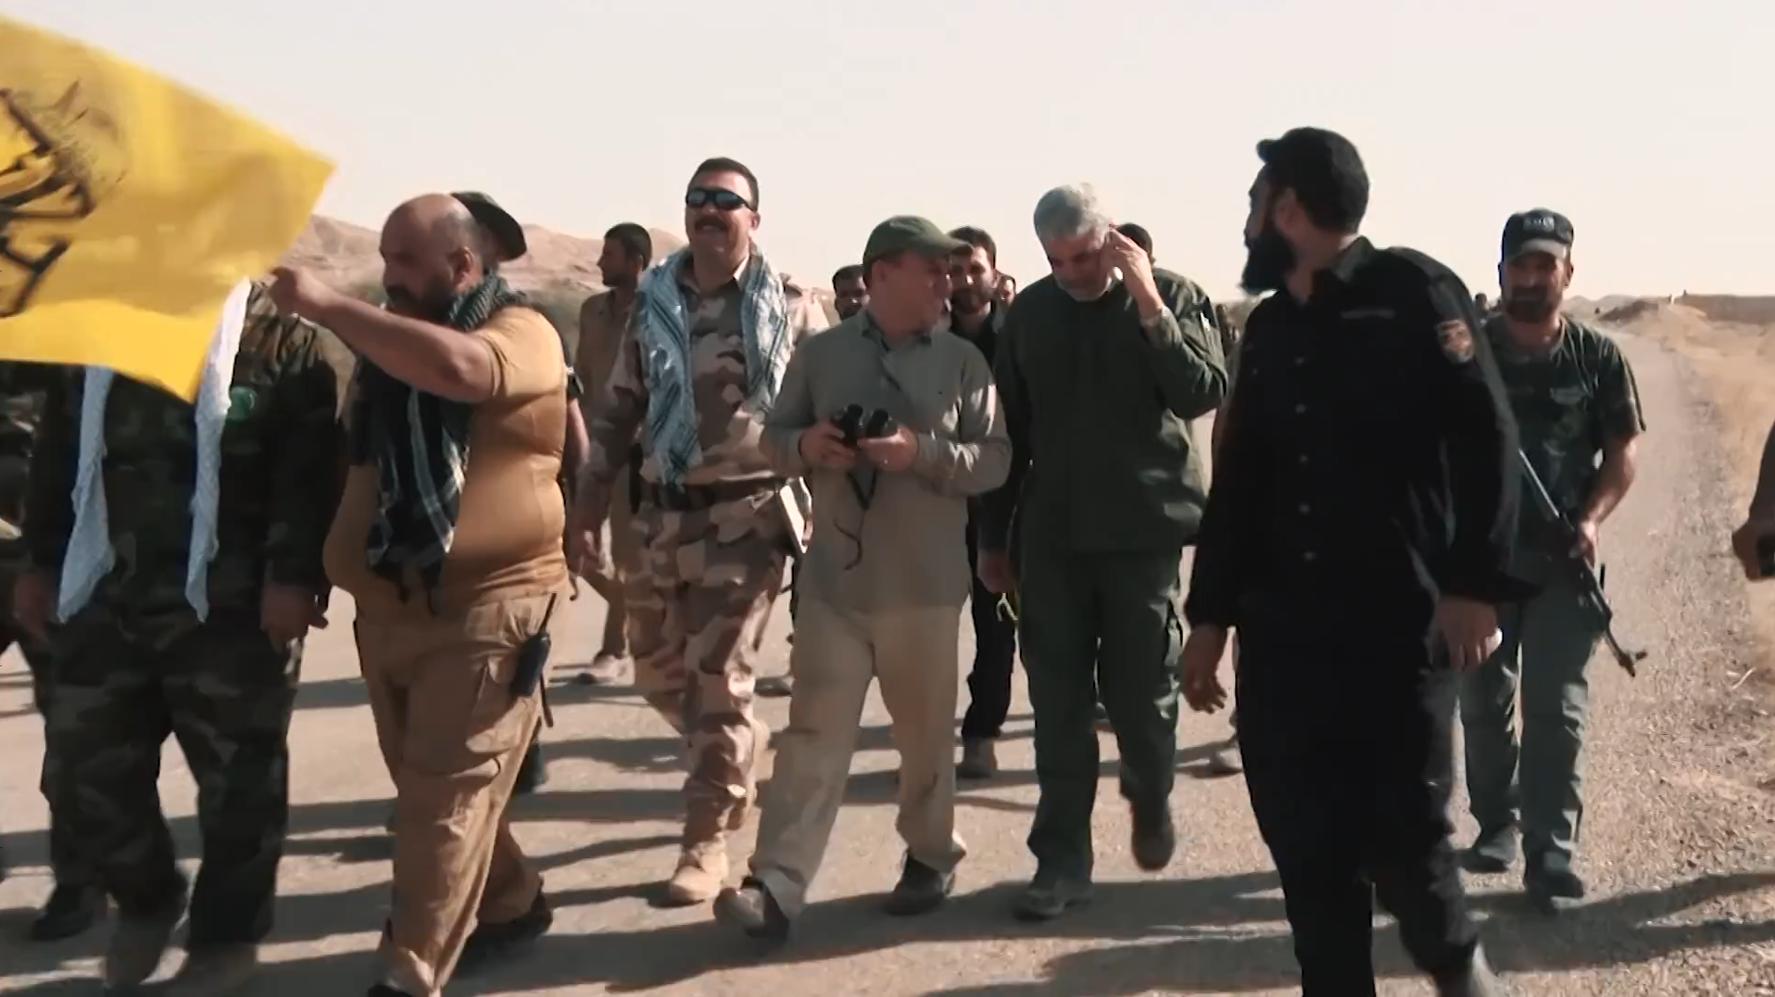 Iraq. Chi ha ucciso l'analista Hashimi? Il sospetto che cade sulle milizie